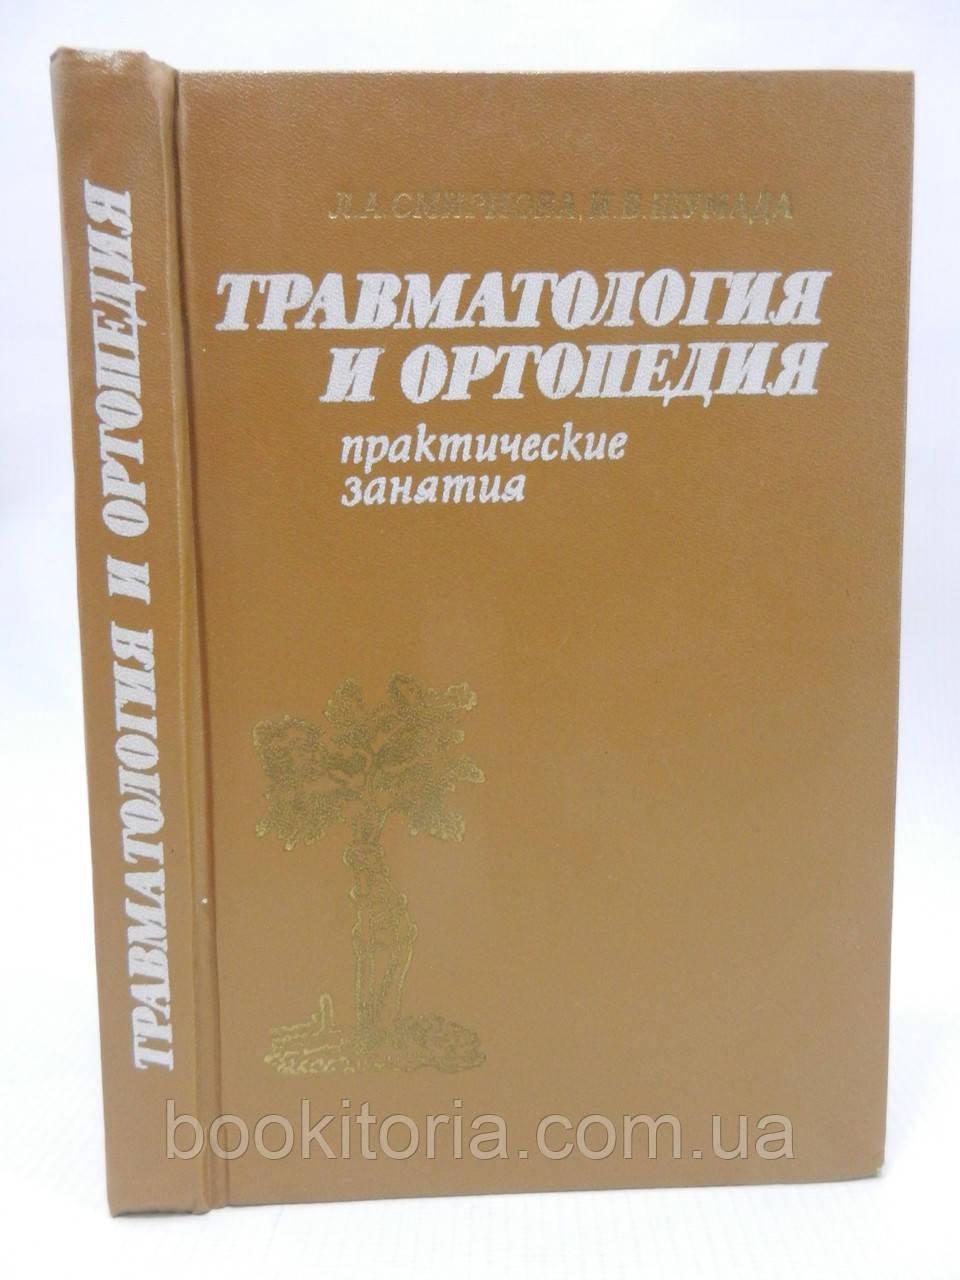 Смирнова Л.А., Шумада И.В. Травматология и ортопедия. Практические занятия (б/у).